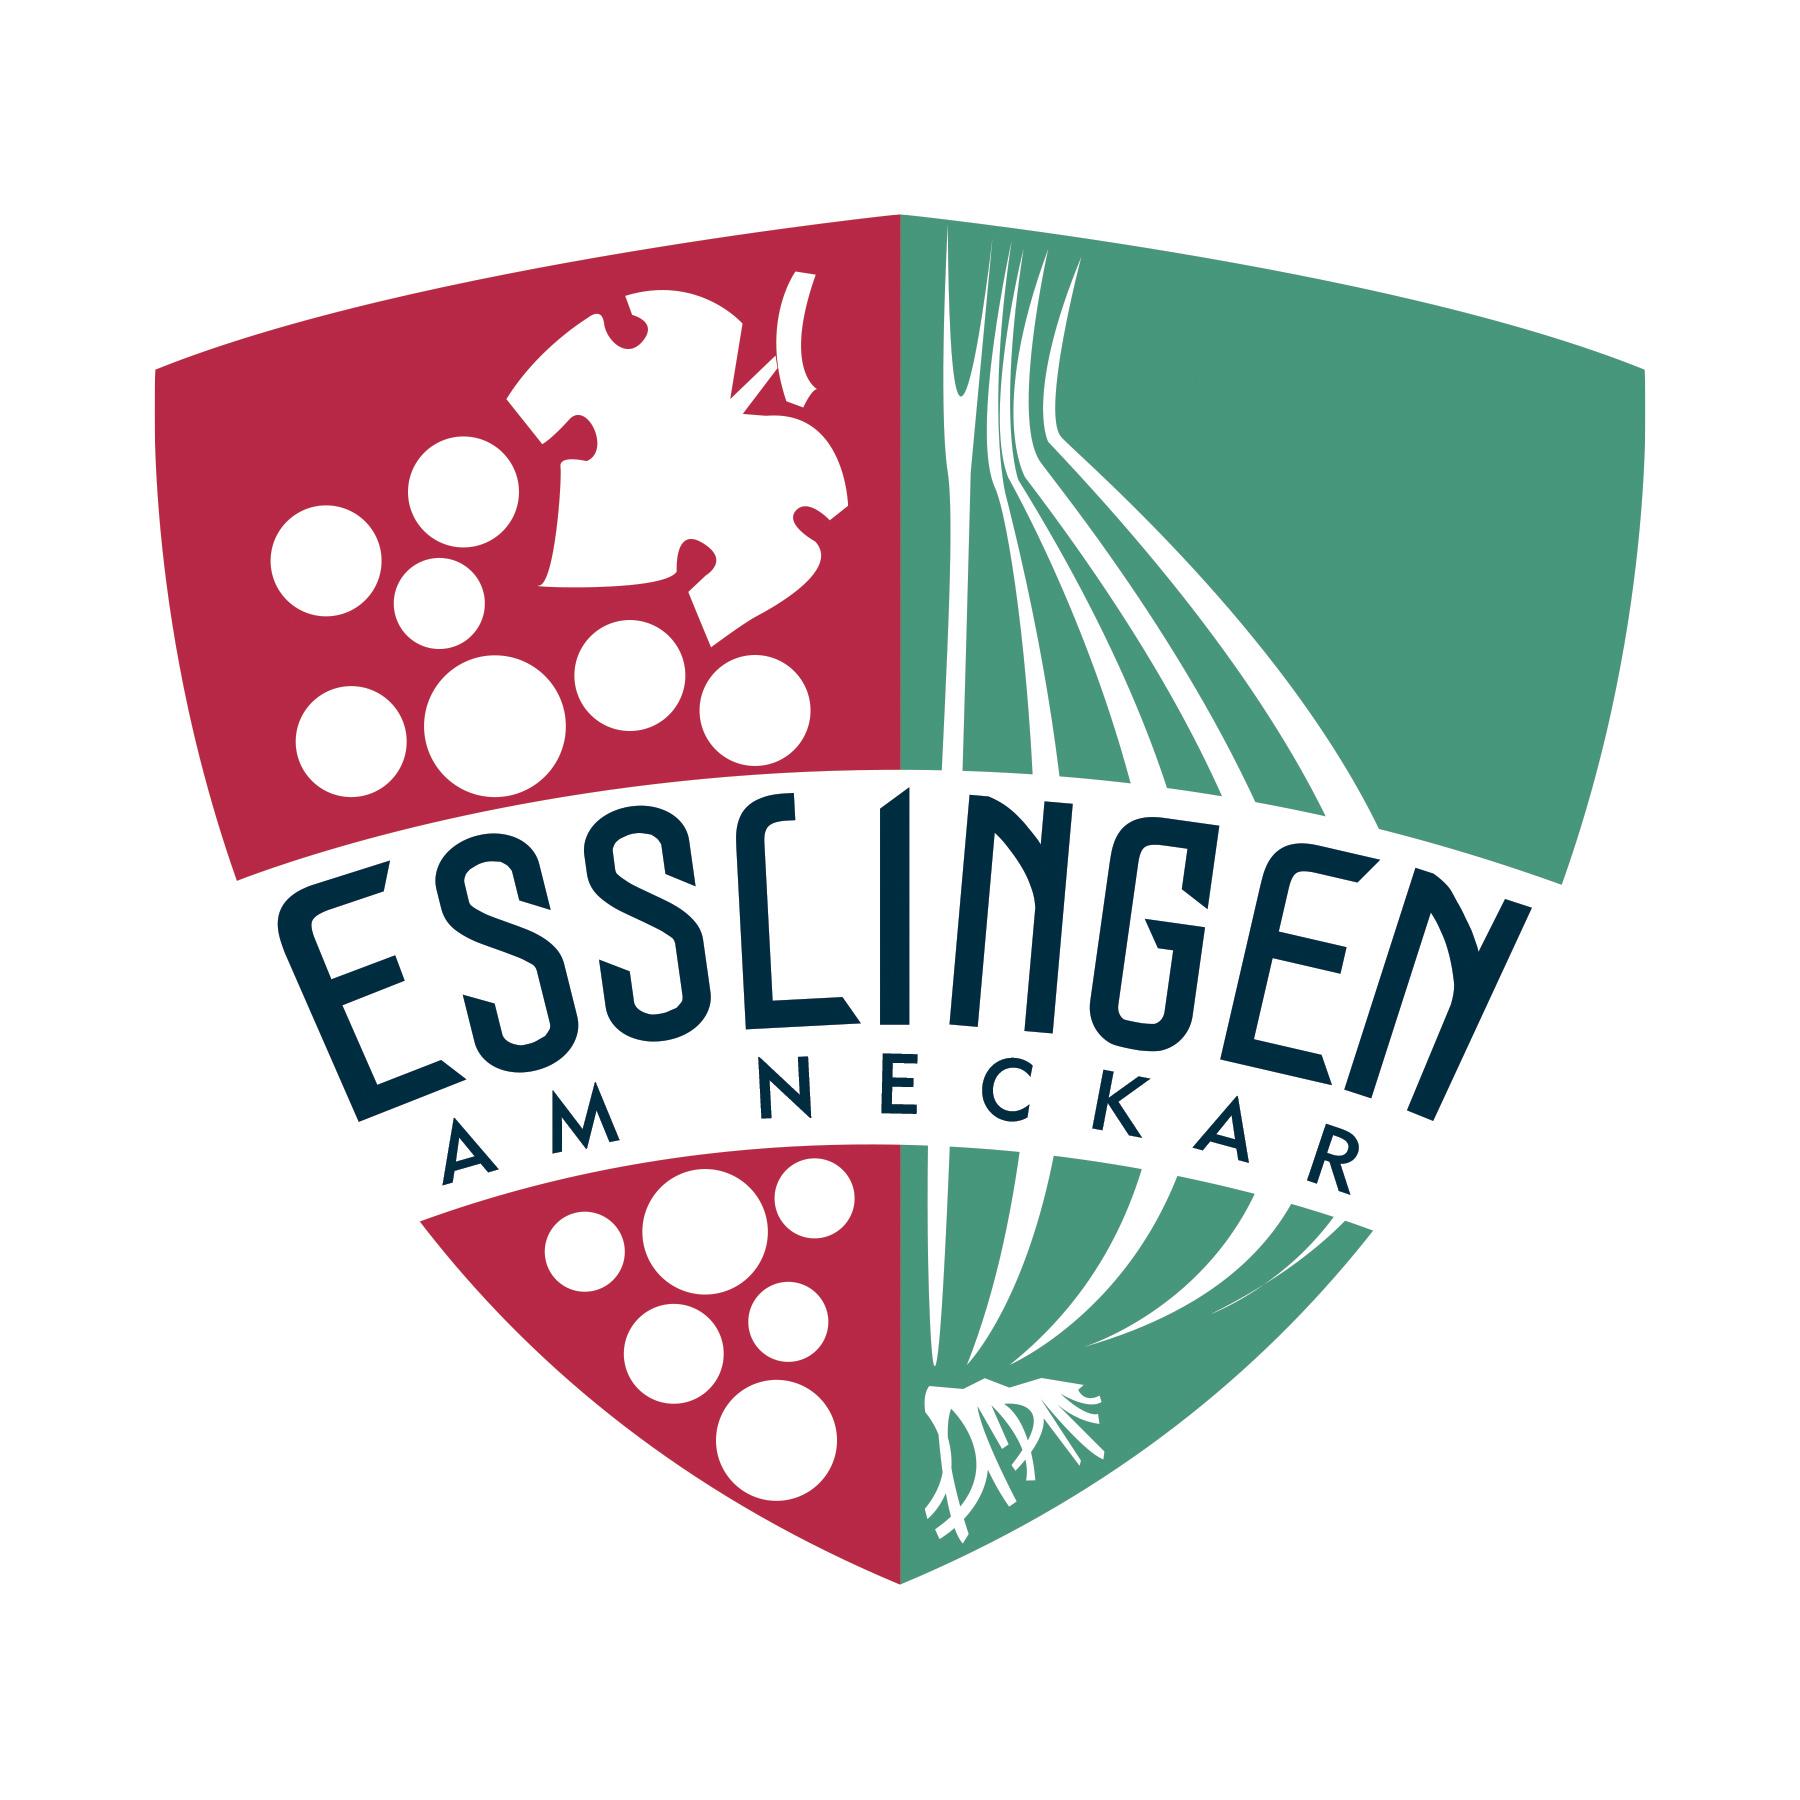 Esslingen logo.jpg